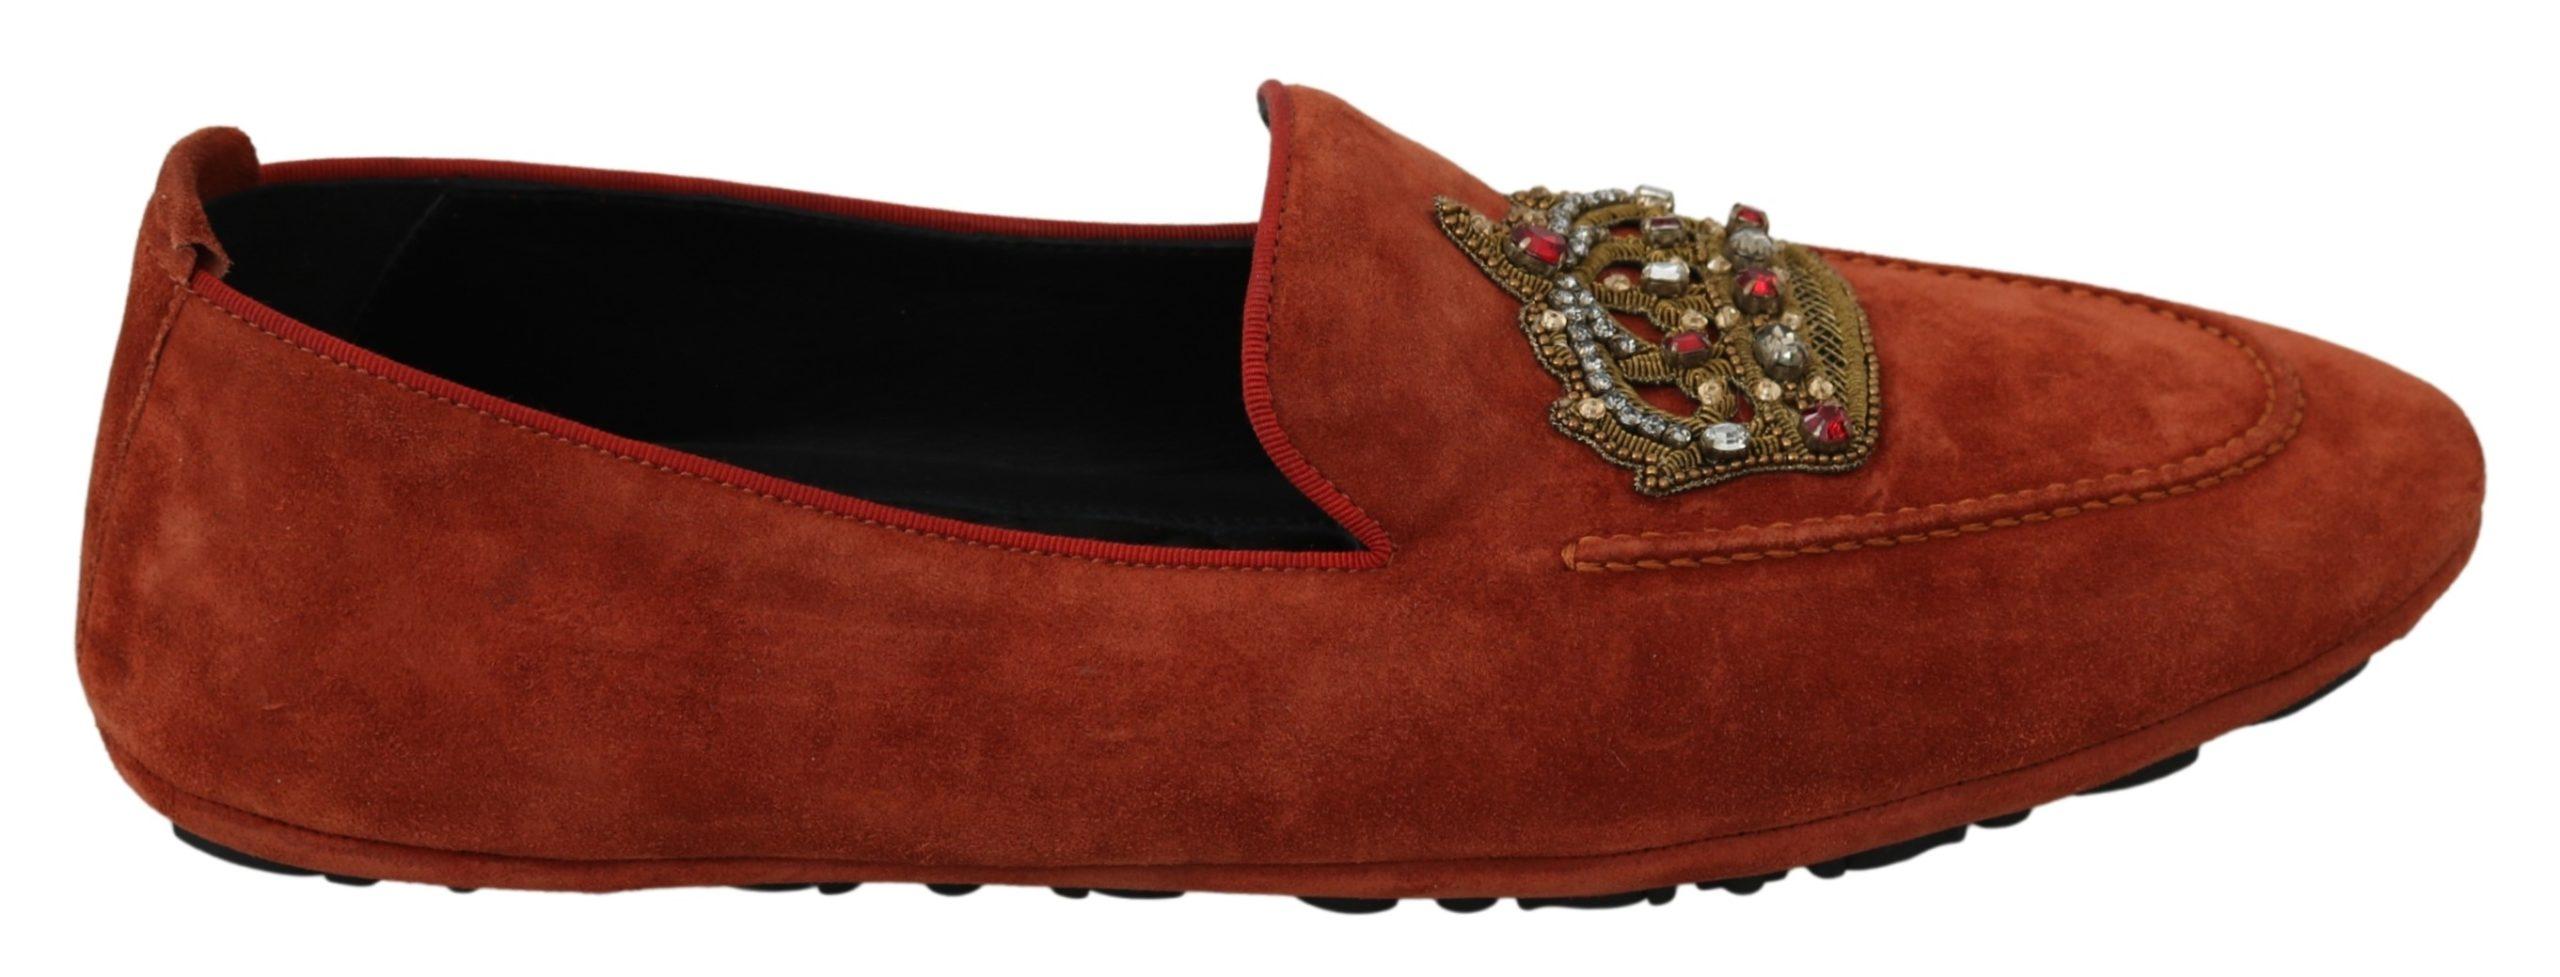 Dolce & Gabbana Men's Leather Crystal Crown Loafer Orange MV2876 - EU44/US11